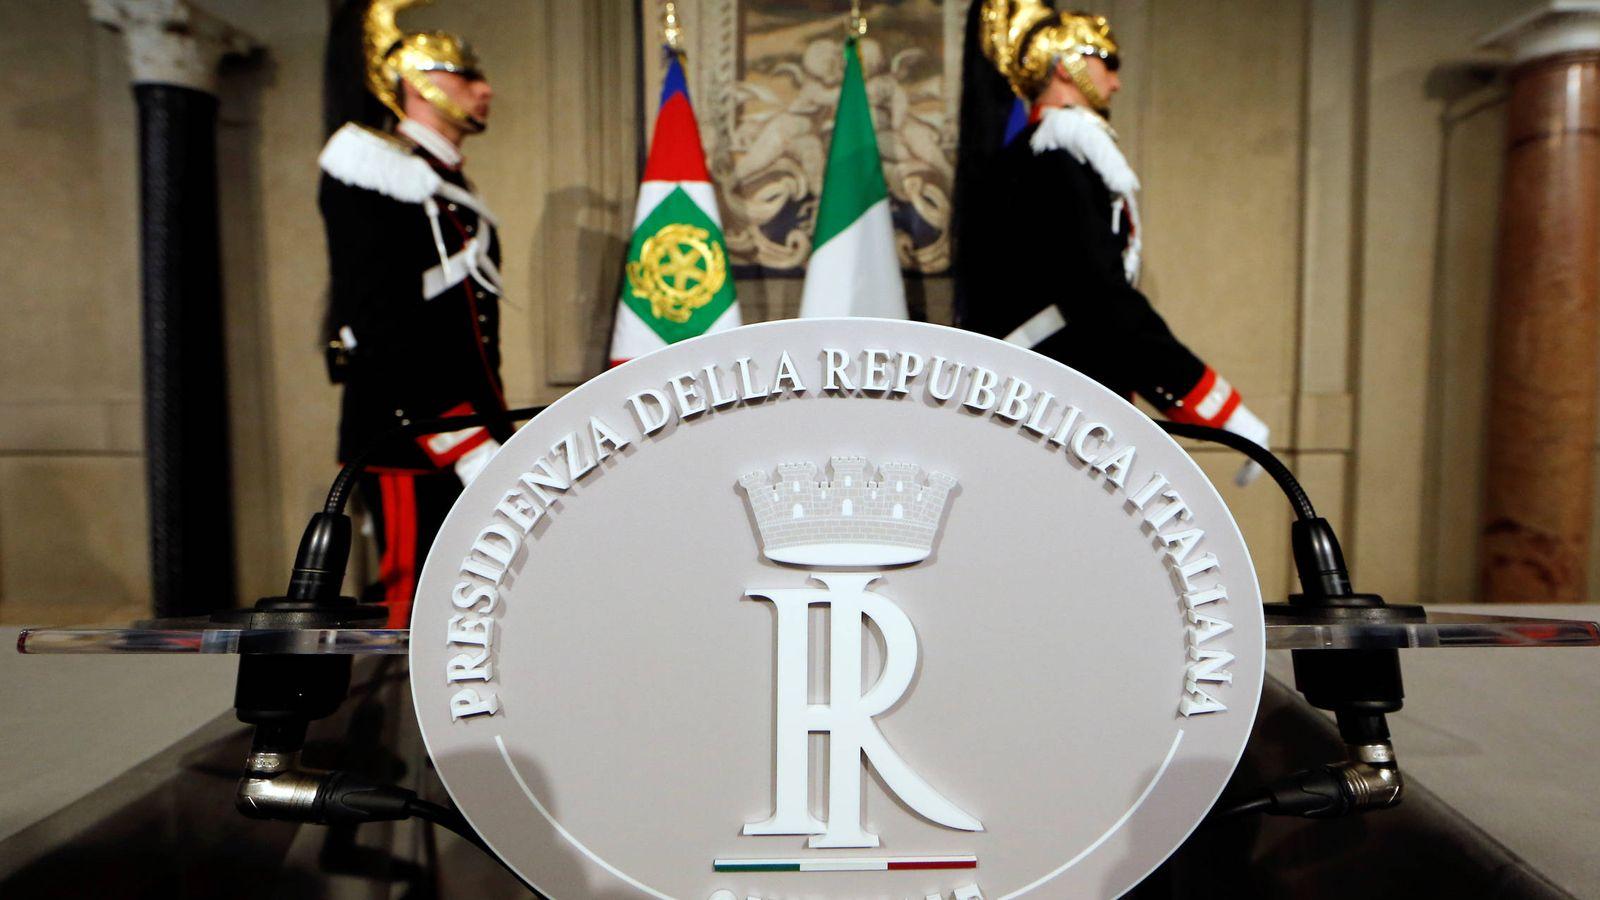 Foto: Imagen del interior del Palacio de Quirinal antes de que el presidente italiano se reúna con la Liga y el M5S, en Roma. (Reuters)